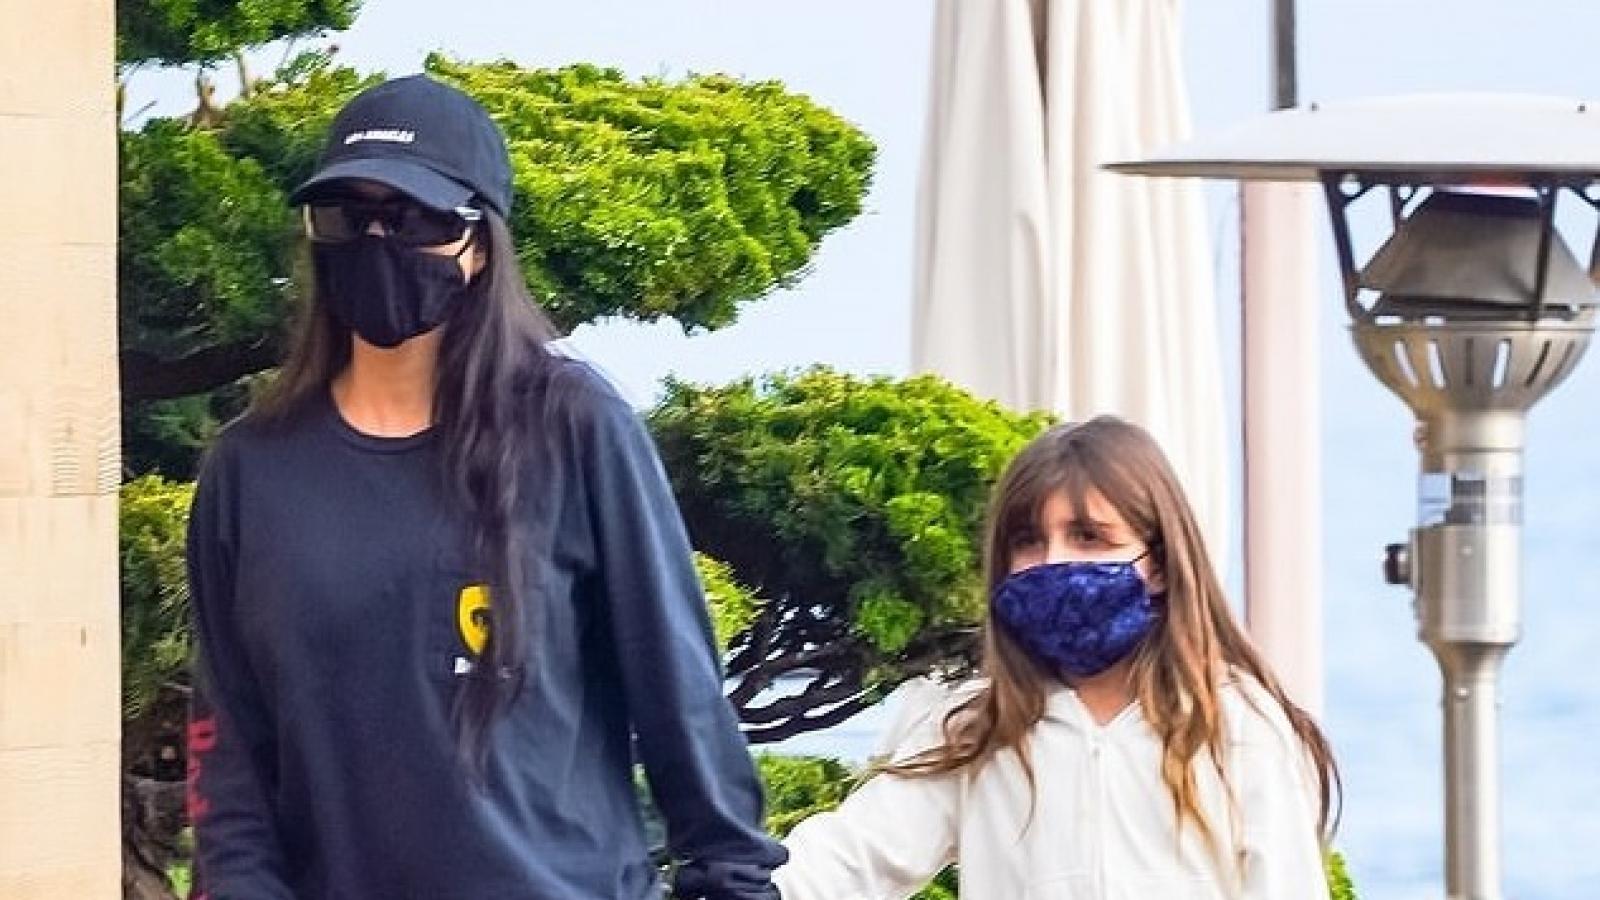 Kourtney Kardashian dẫn con gái cưng đi ăn trưa tại nhà hàng bên bờ biển